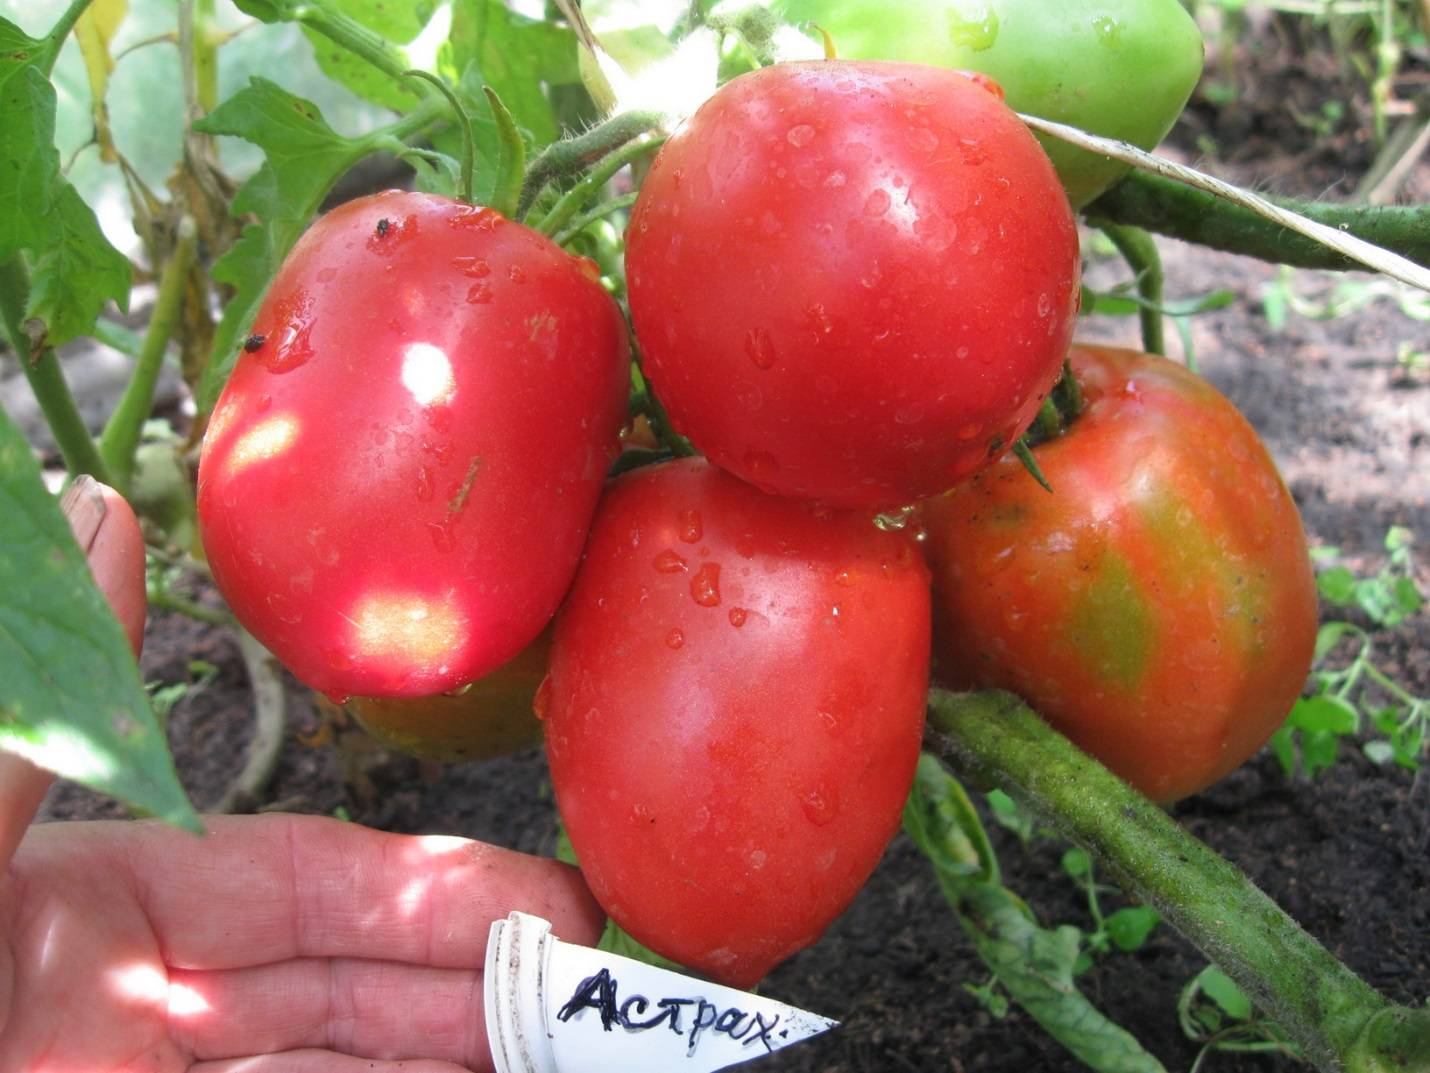 Томат астраханский: характеристика и описание сорта, урожайность с фото